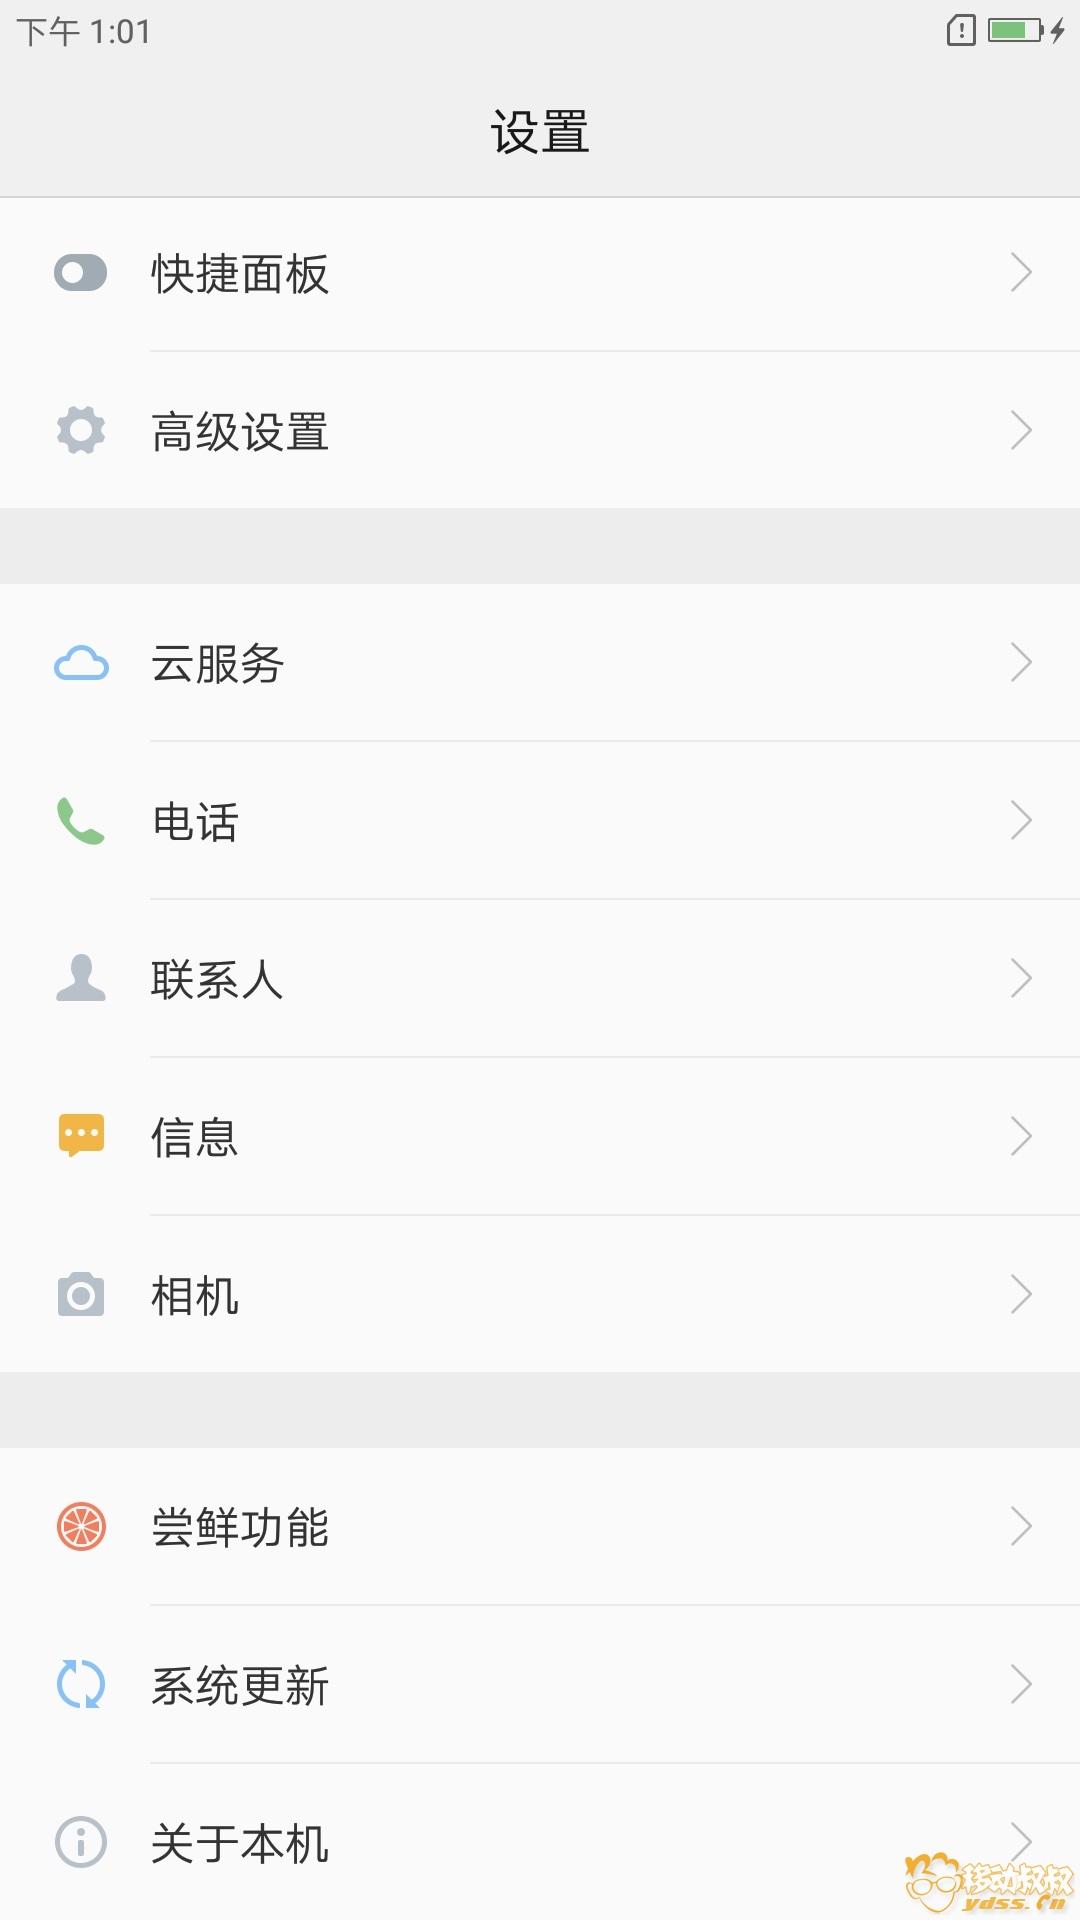 Screenshot_2018-01-18-13-02-00-0271210880.jpg